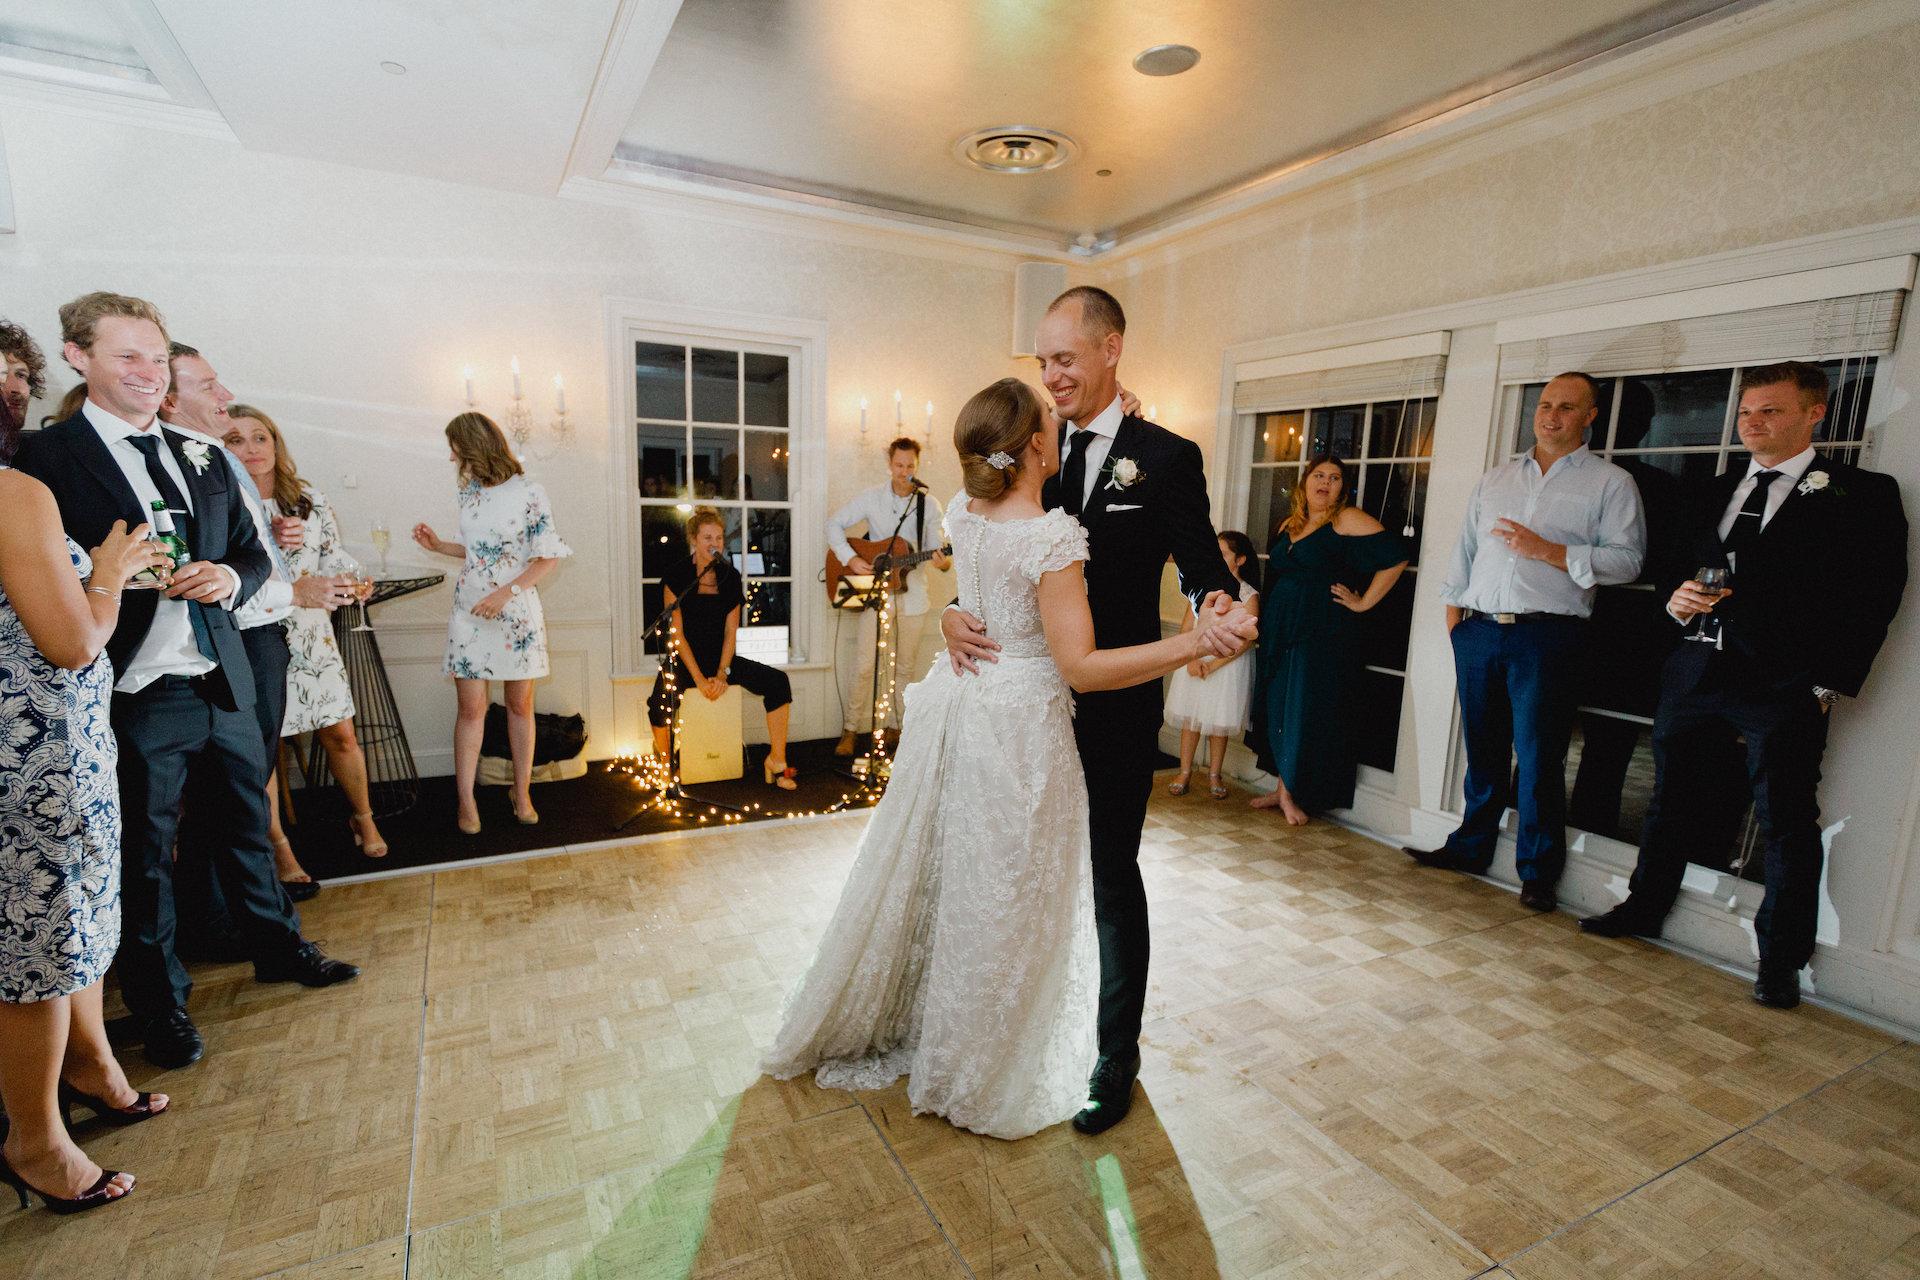 Dunbar-House-Wedding-Girl-in-White-Dress11.jpg